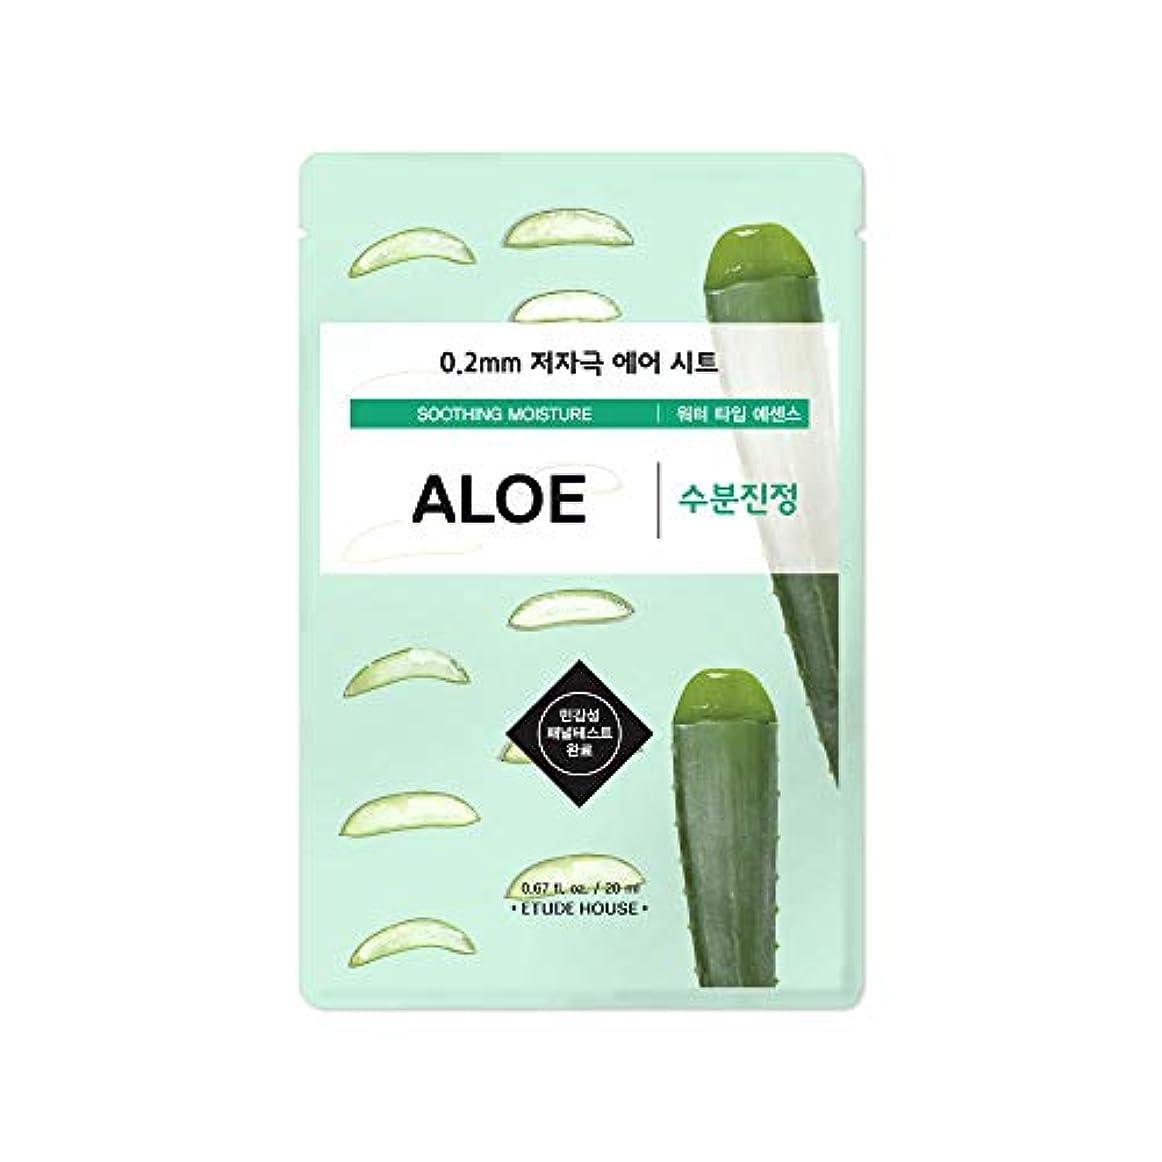 レール廃止ETUDE HOUSE 0.2 Therapy Air Mask 20ml×10ea (#01 Aloe)/エチュードハウス 0.2 セラピー エア マスク 20ml×10枚 (#01 Aloe)